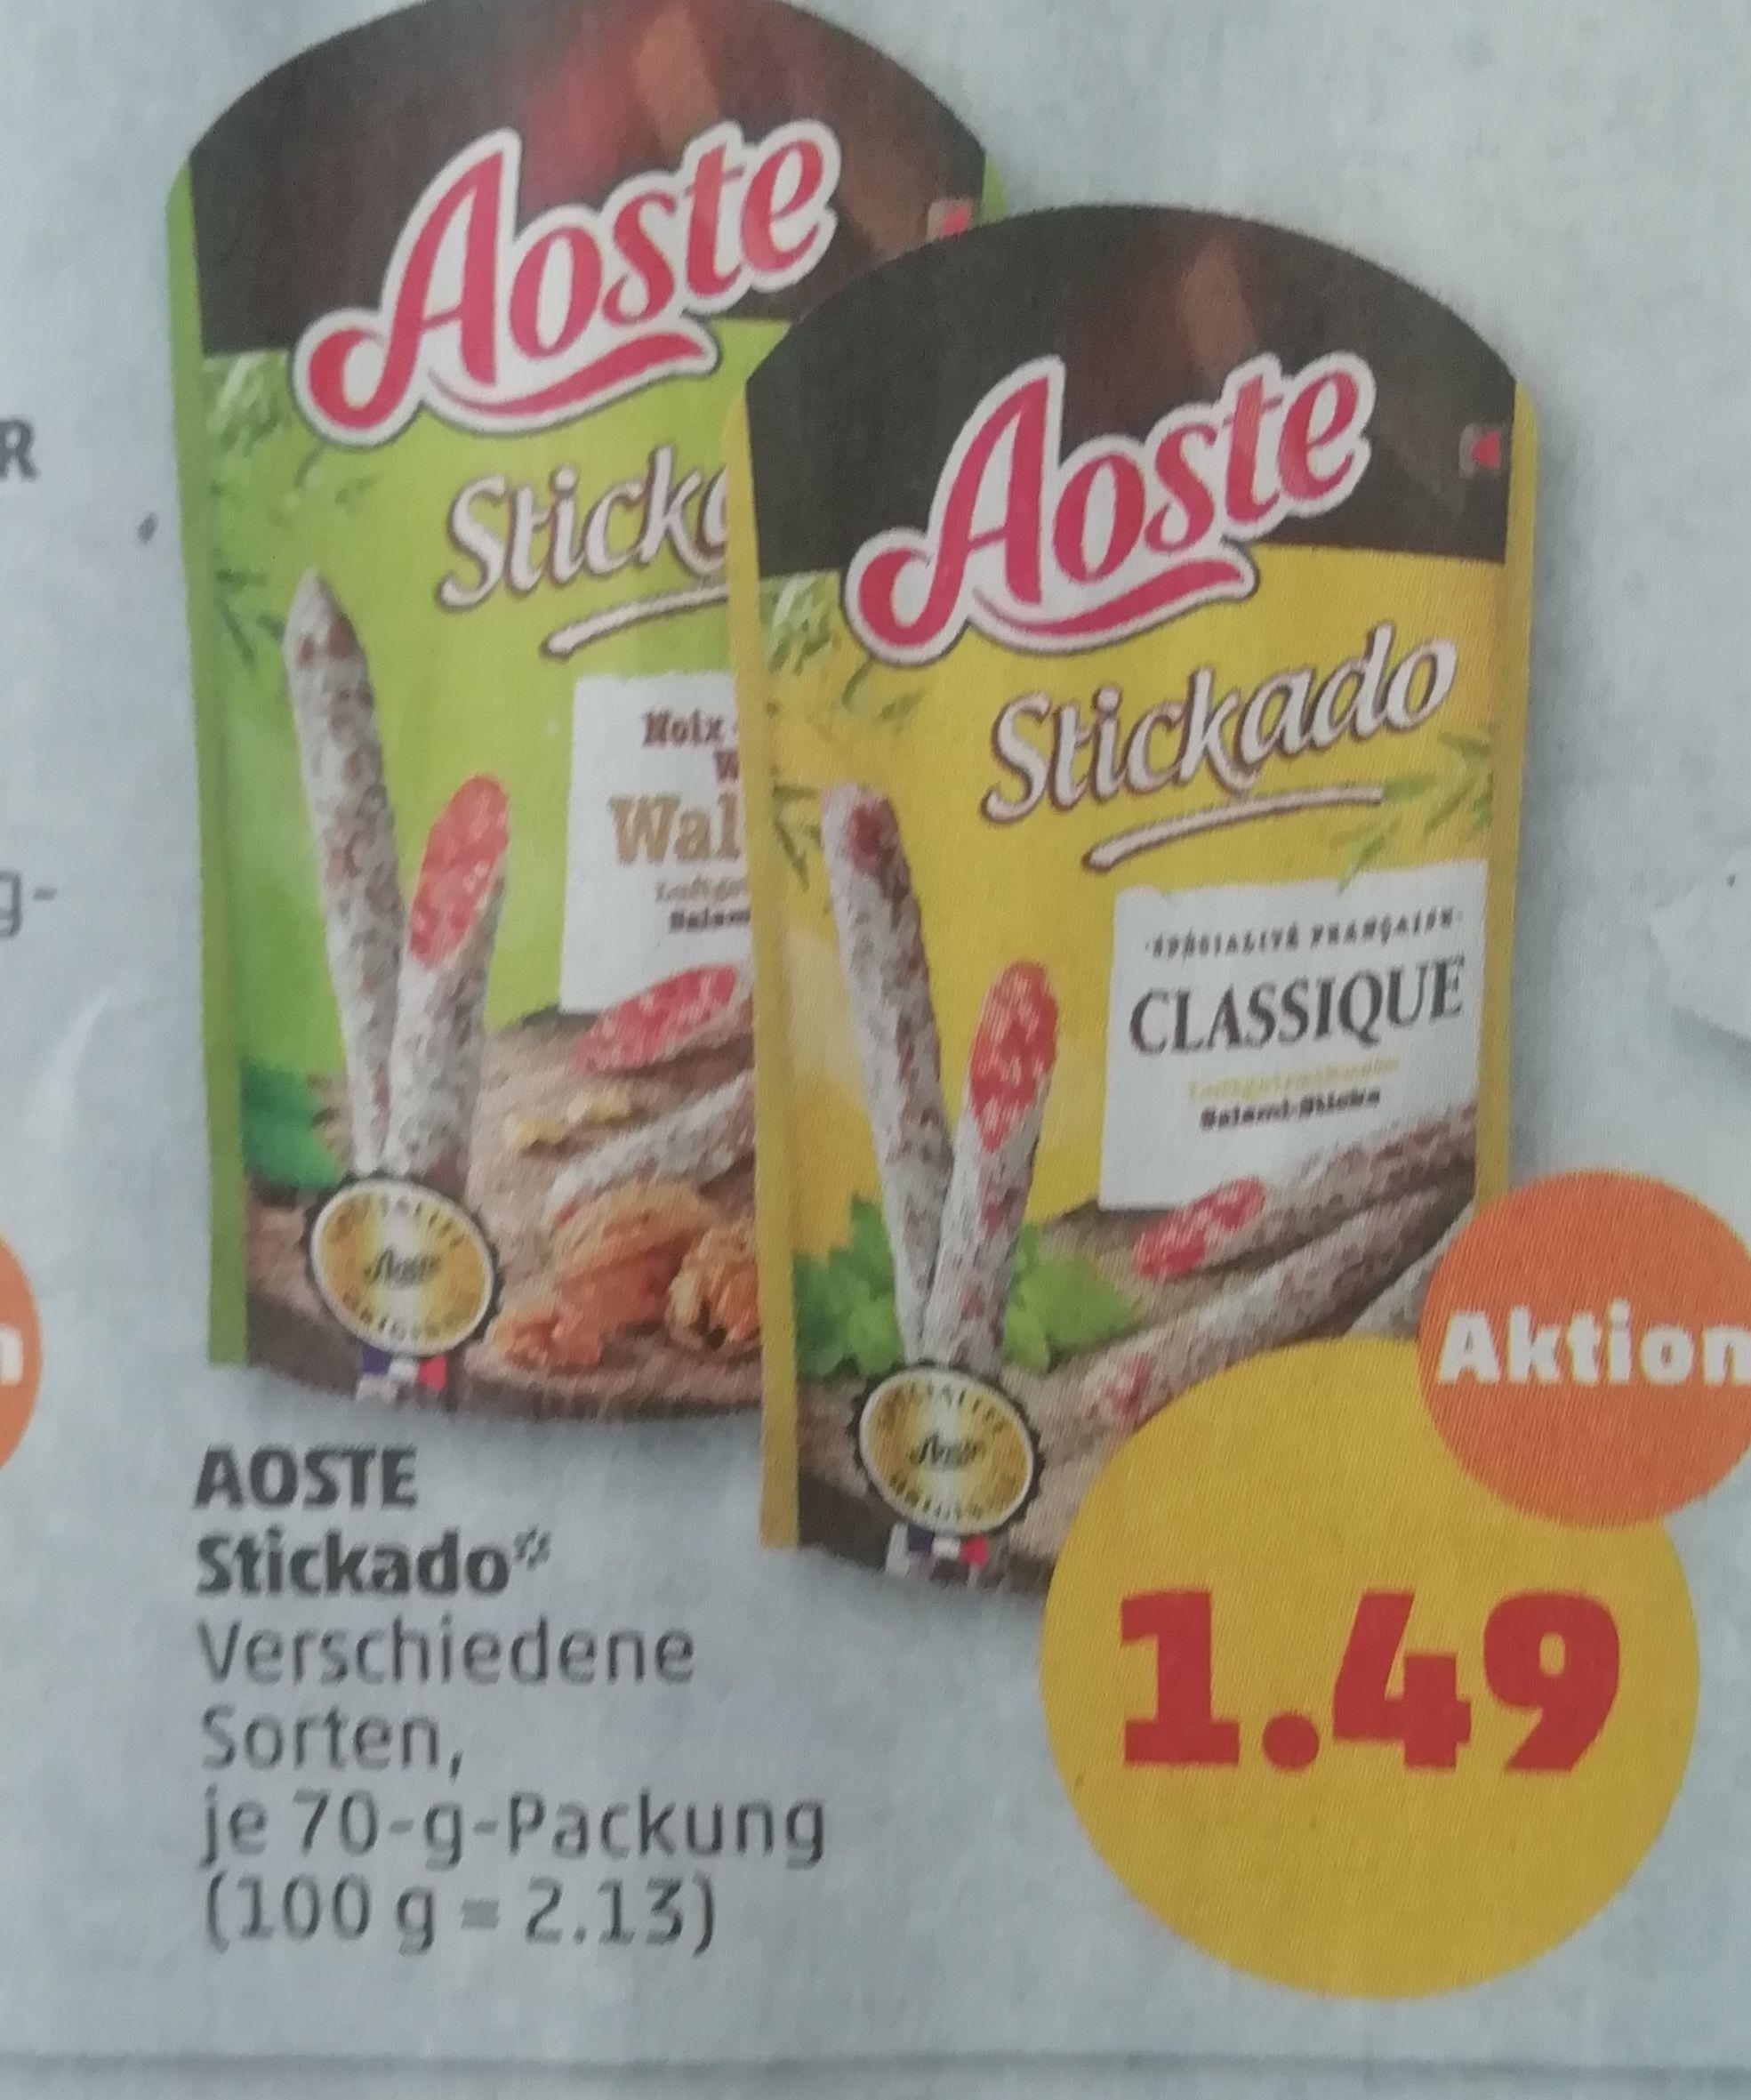 [Penny] 7x Aoste Stickado für 10,43€ + Bambus Brett gratis und 0,40€ Cashback bei Marktguru